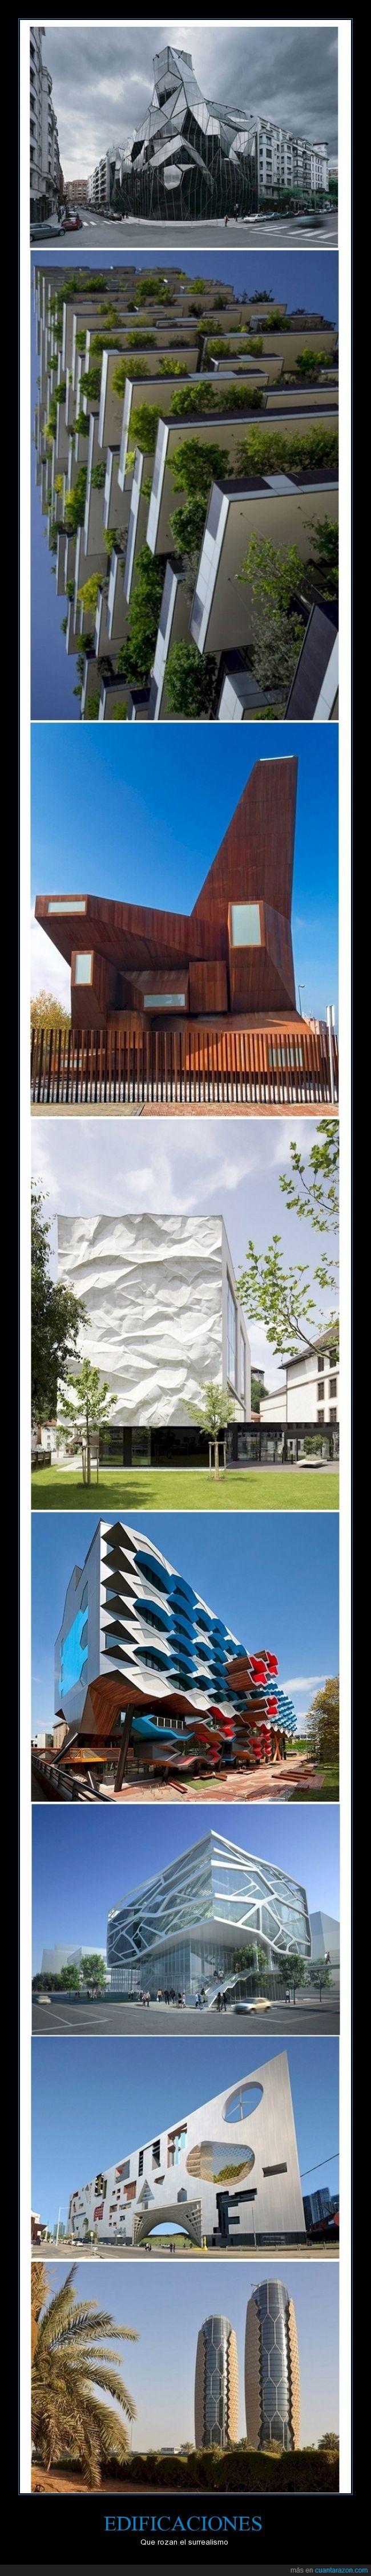 arquitectura,asombroso,bonito,edificios,surrealista